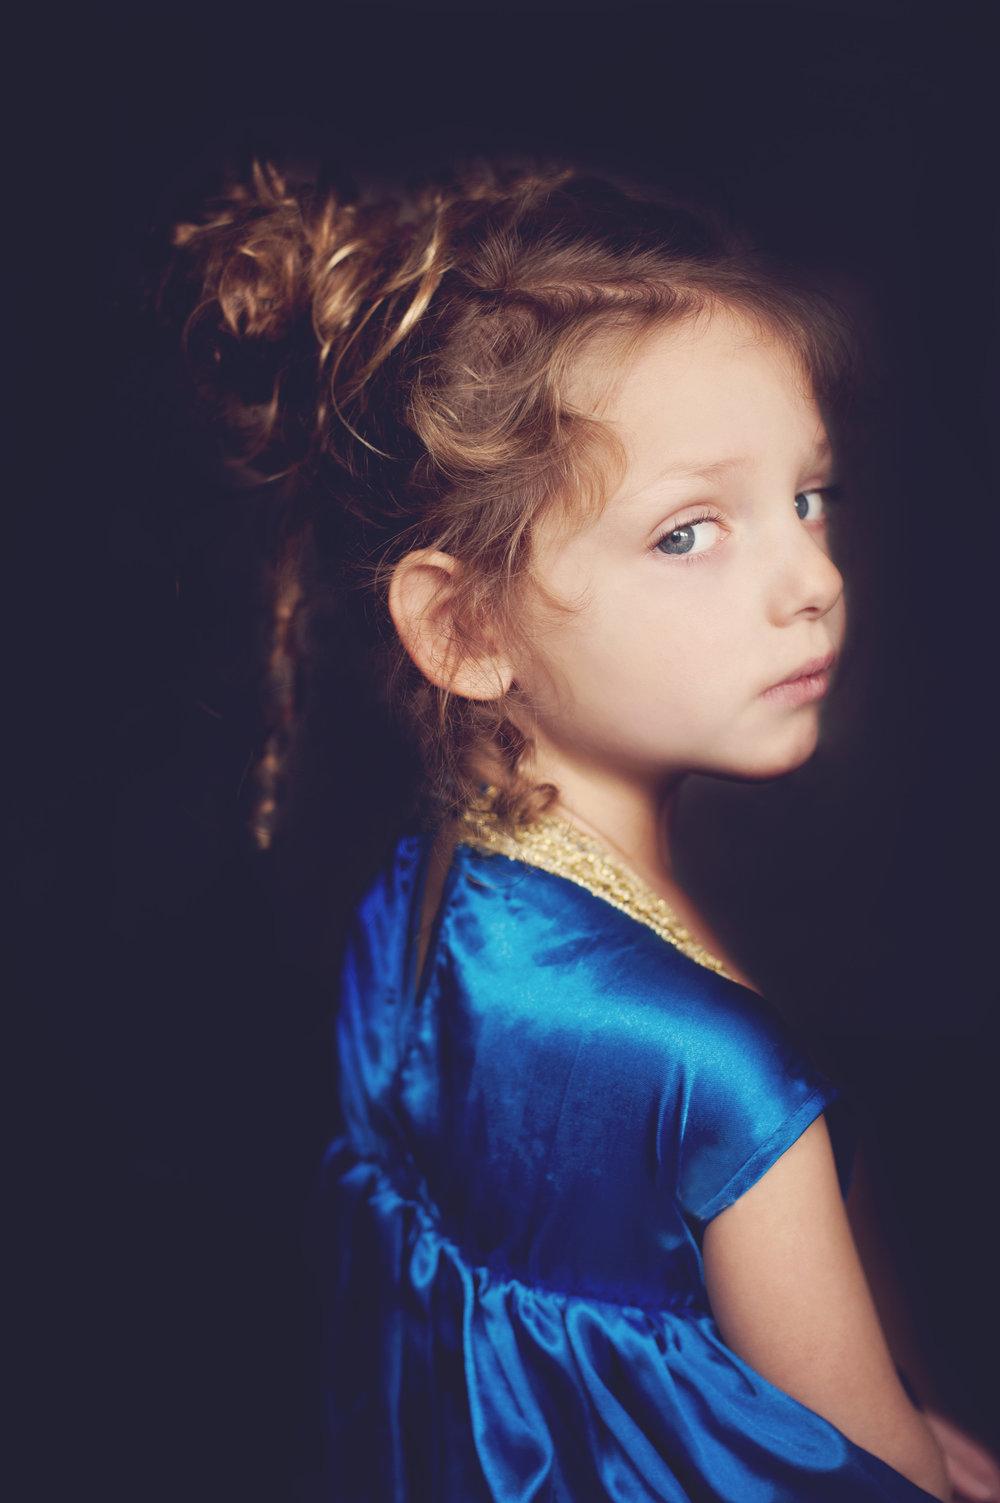 Amelia_Vermeer-2.jpg